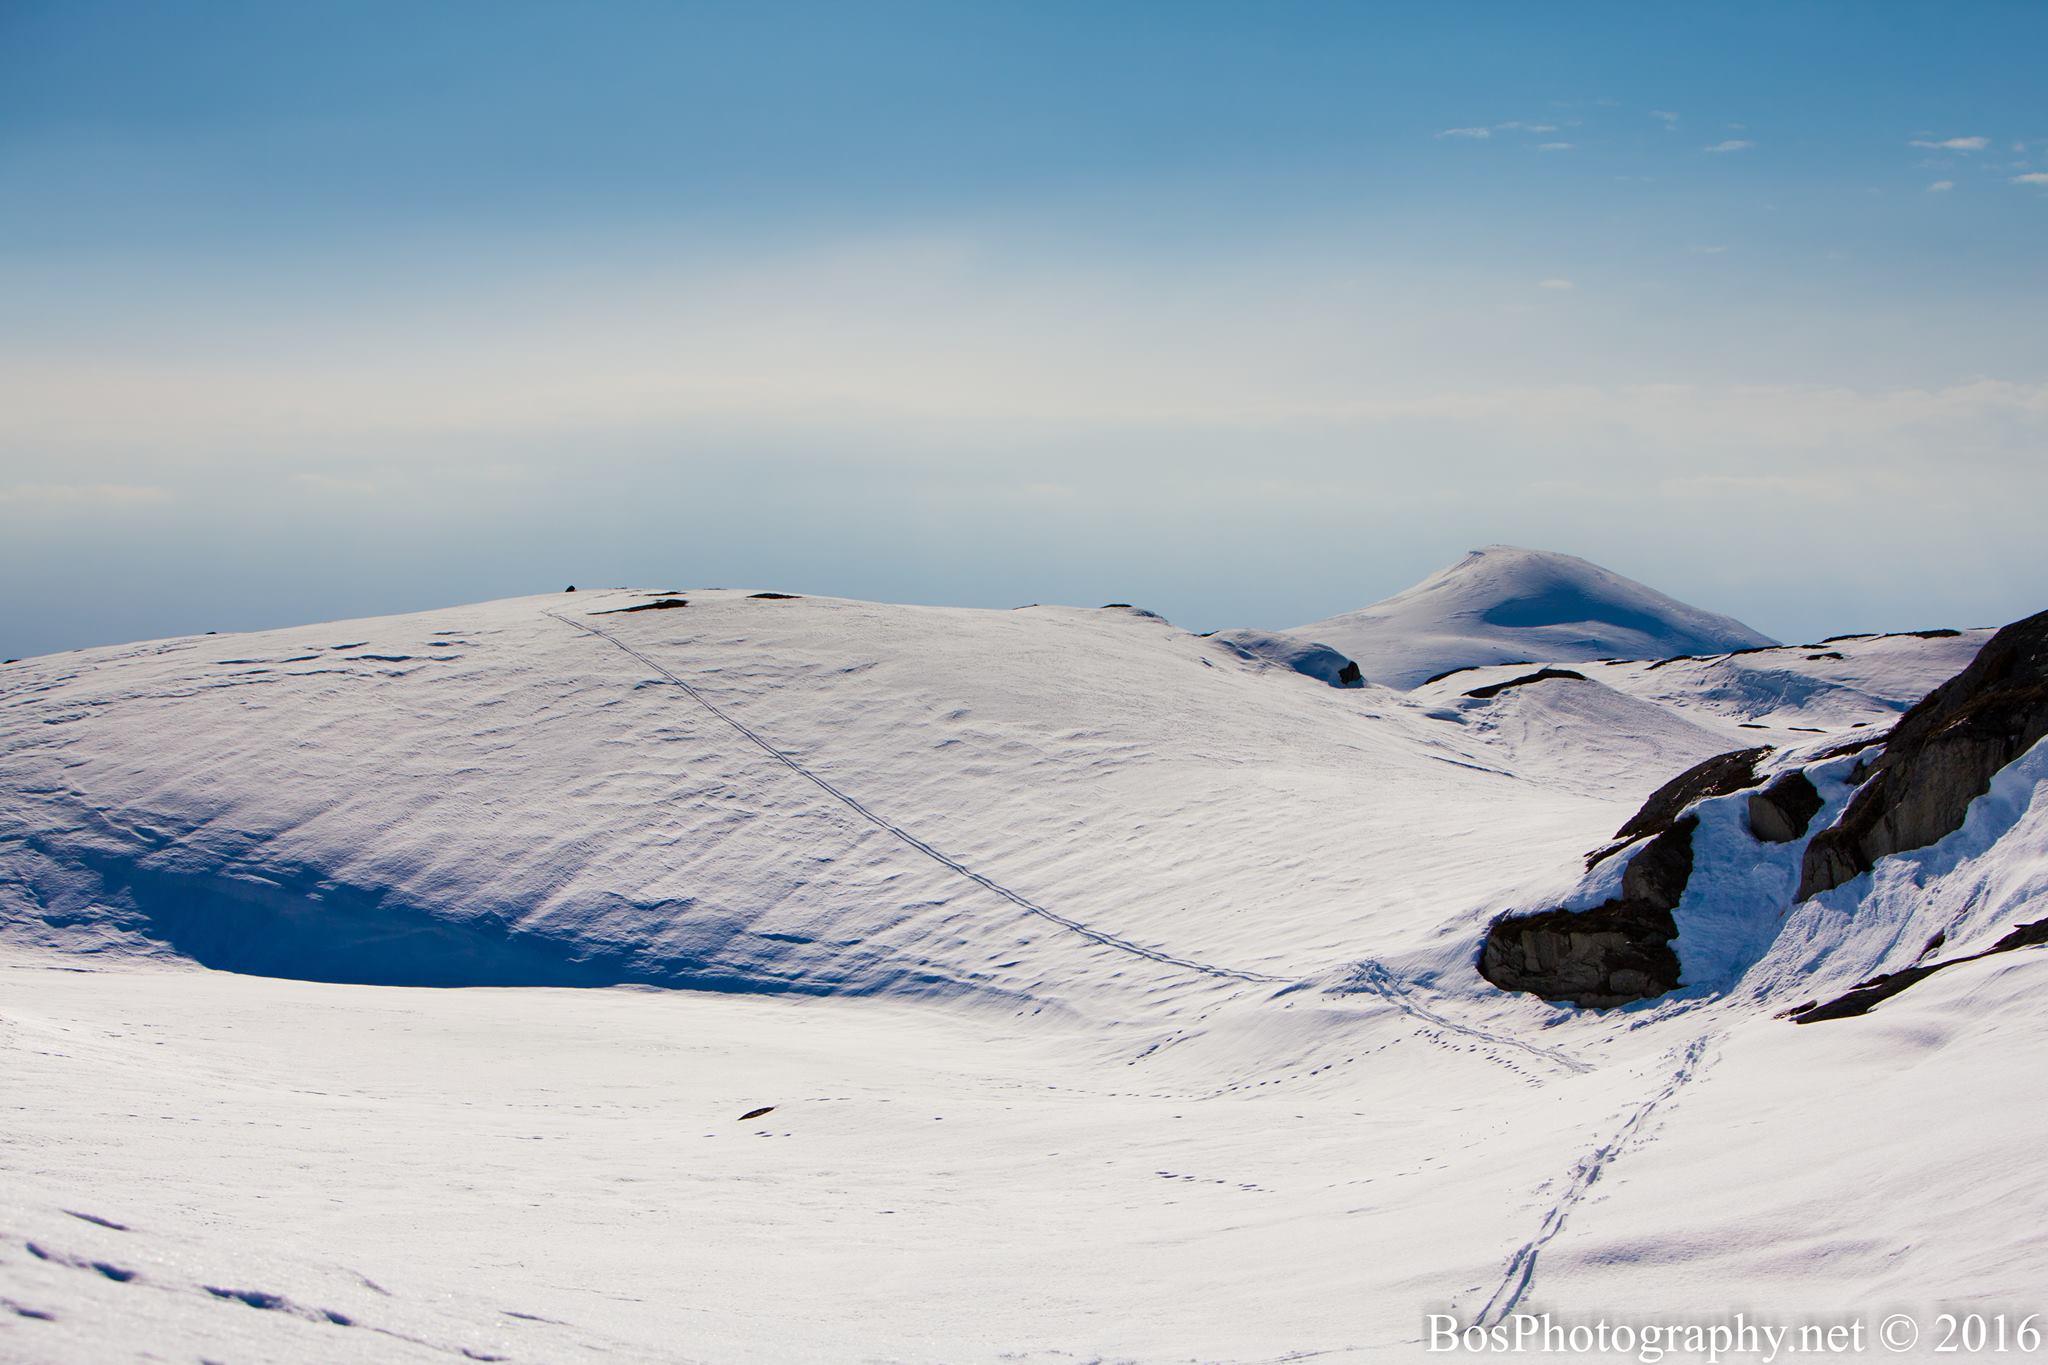 Skiing Derga